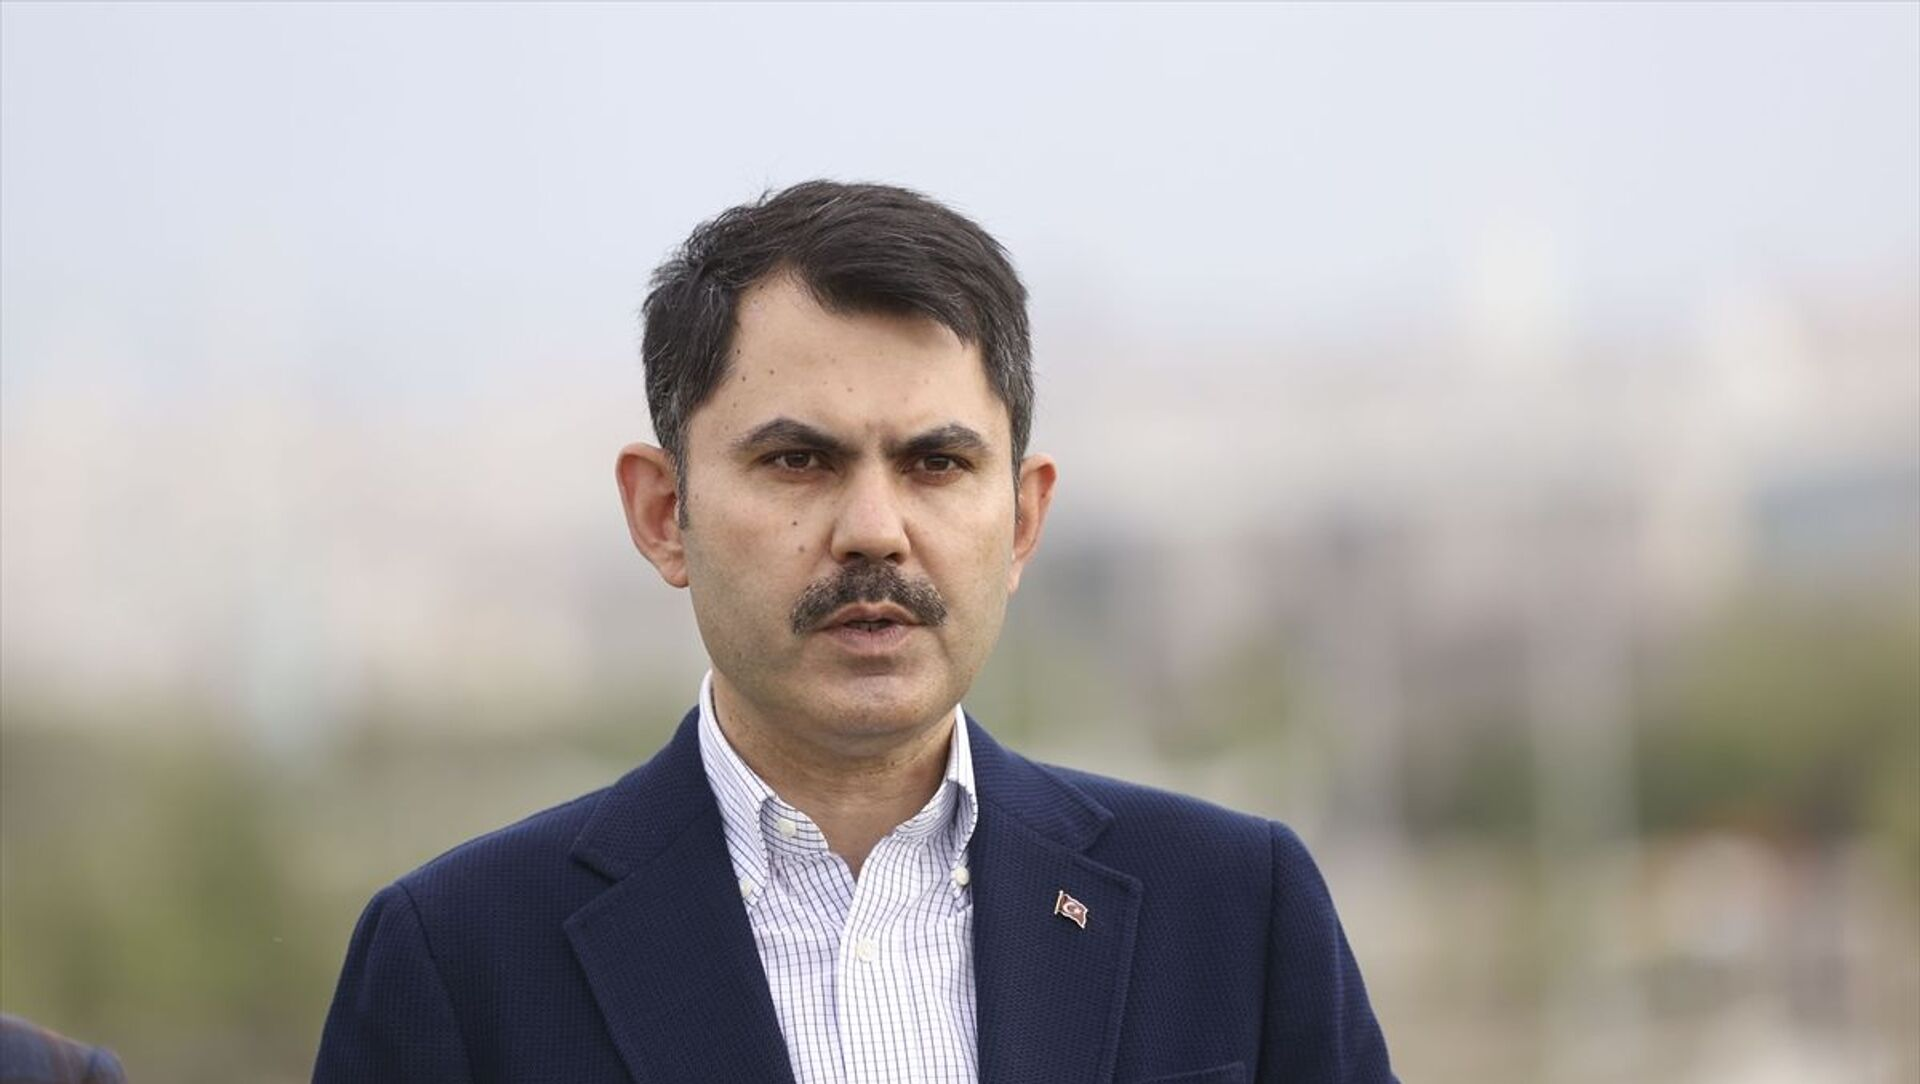 Çevre ve Şehircilik Bakanı Murat Kurum - Sputnik Türkiye, 1920, 19.05.2021